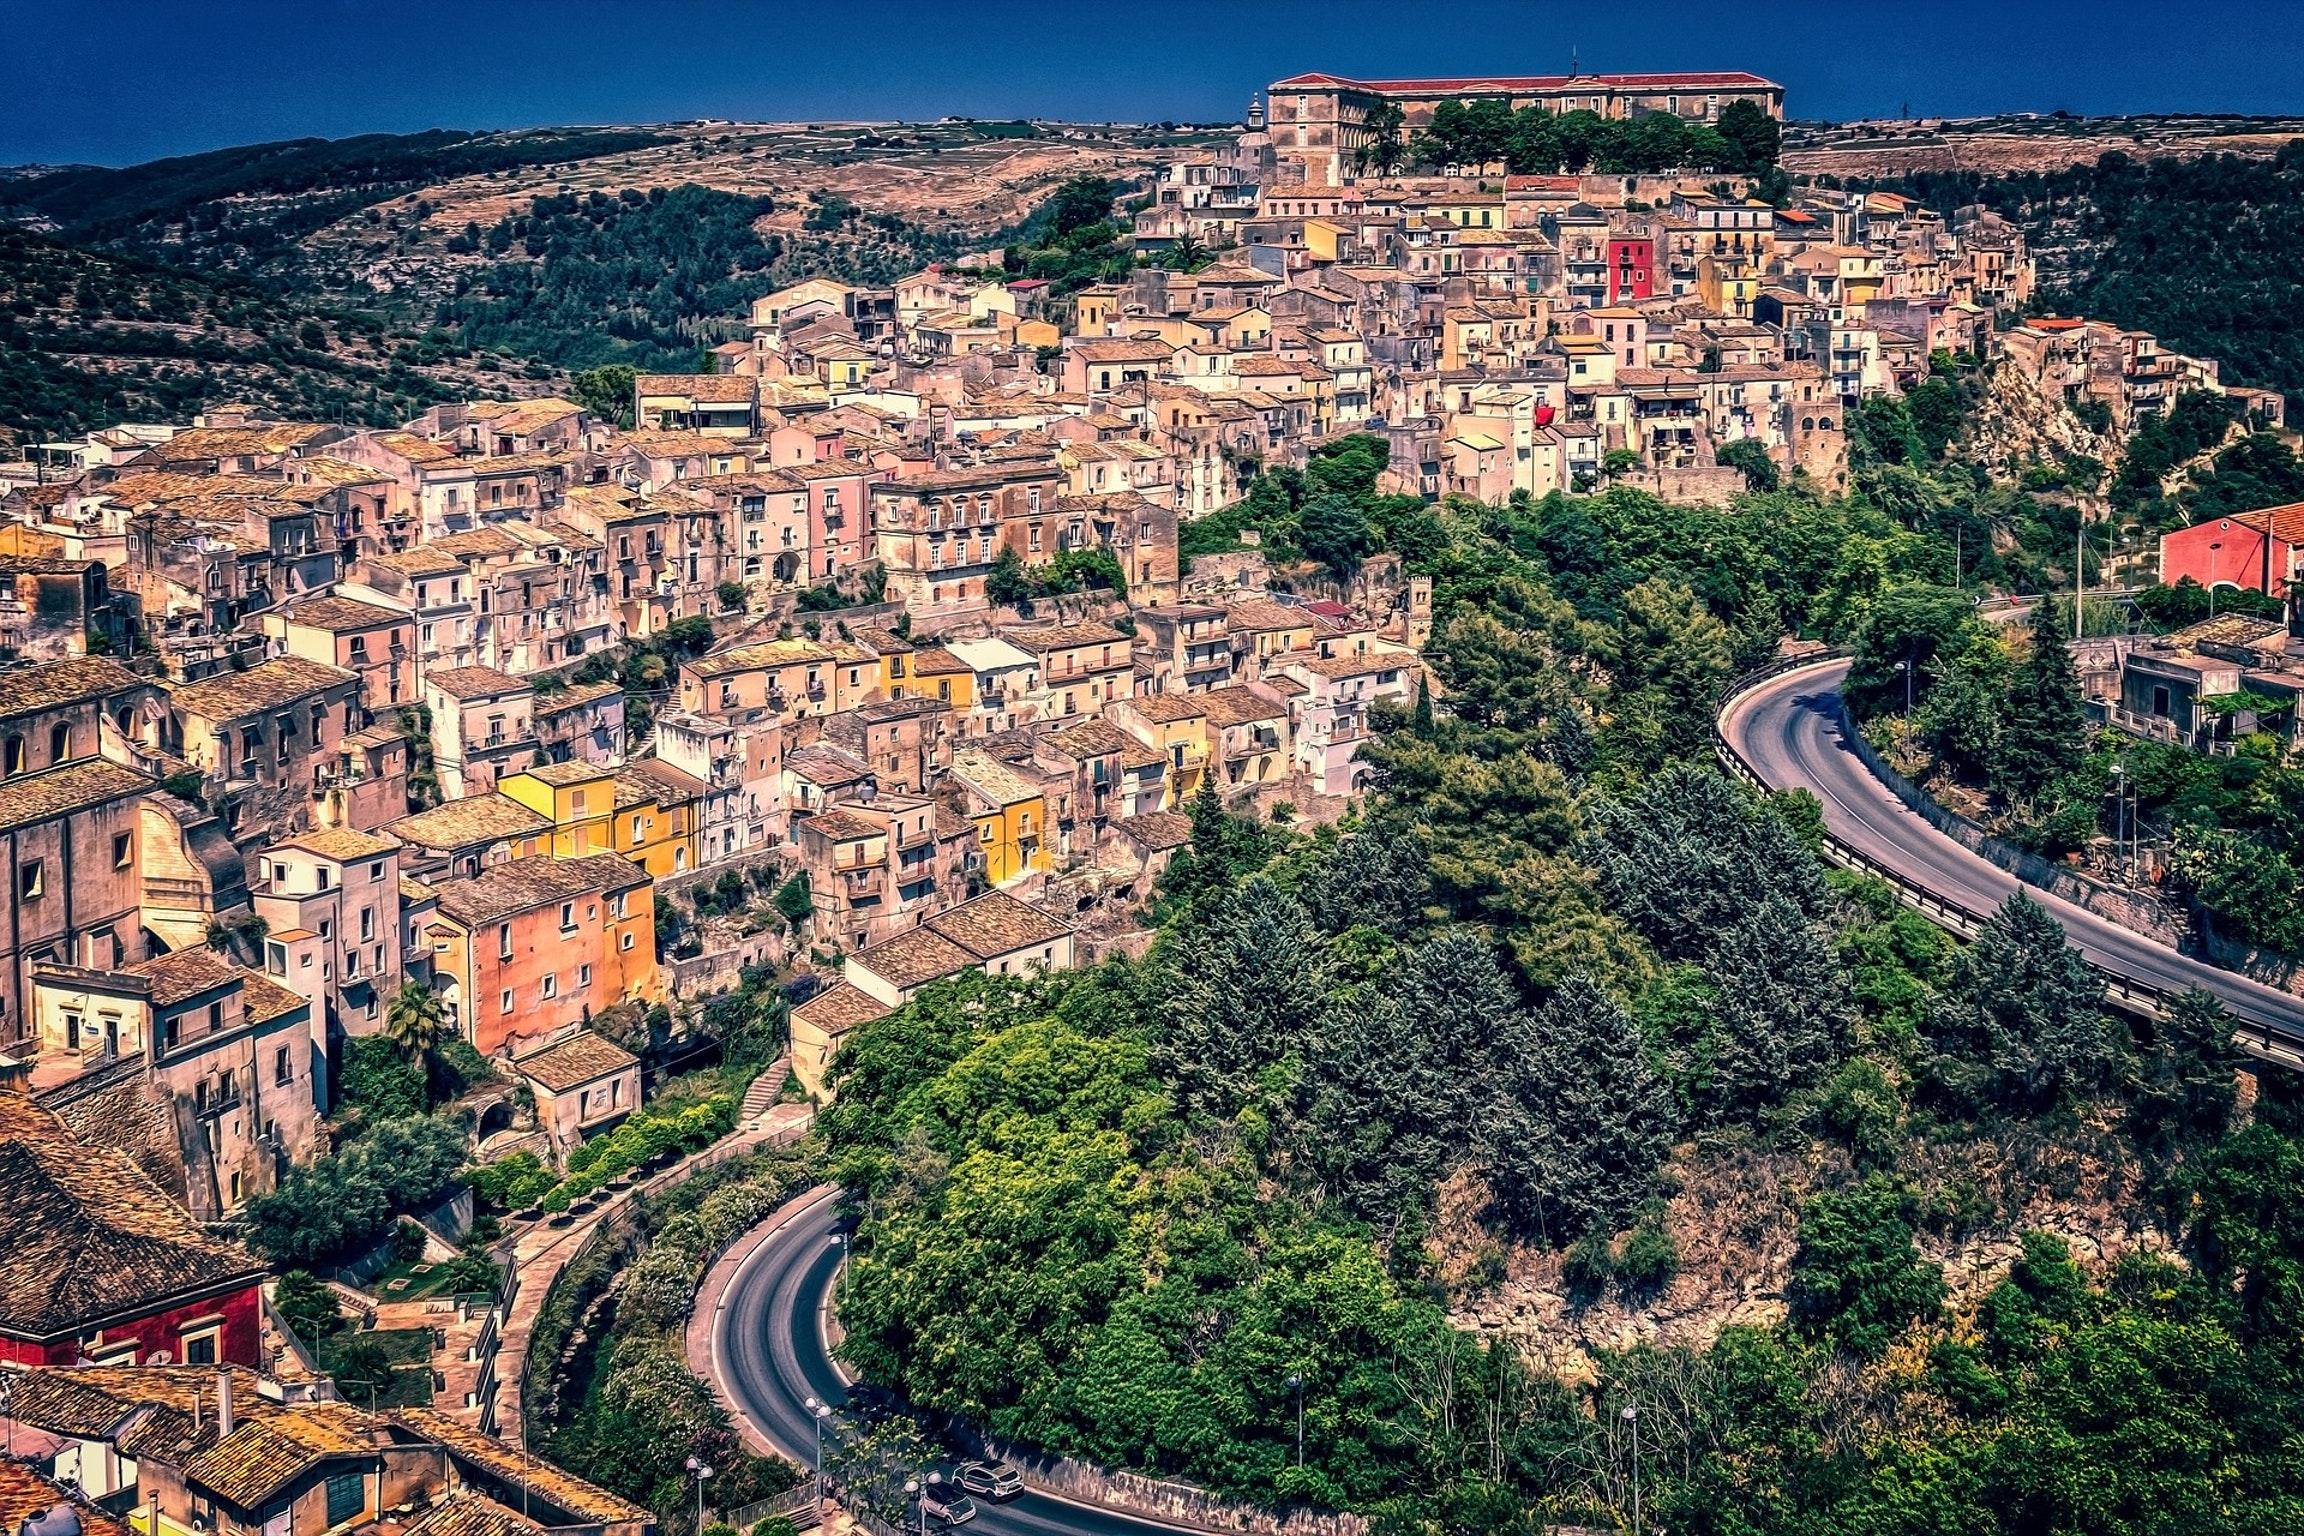 Appartement de vacances Wohnung mit 2 Schlafzimmern in Cicirata mit herrlichem Meerblick, Pool, eingezäuntem Garte (2339675), Avola, Siracusa, Sicile, Italie, image 30